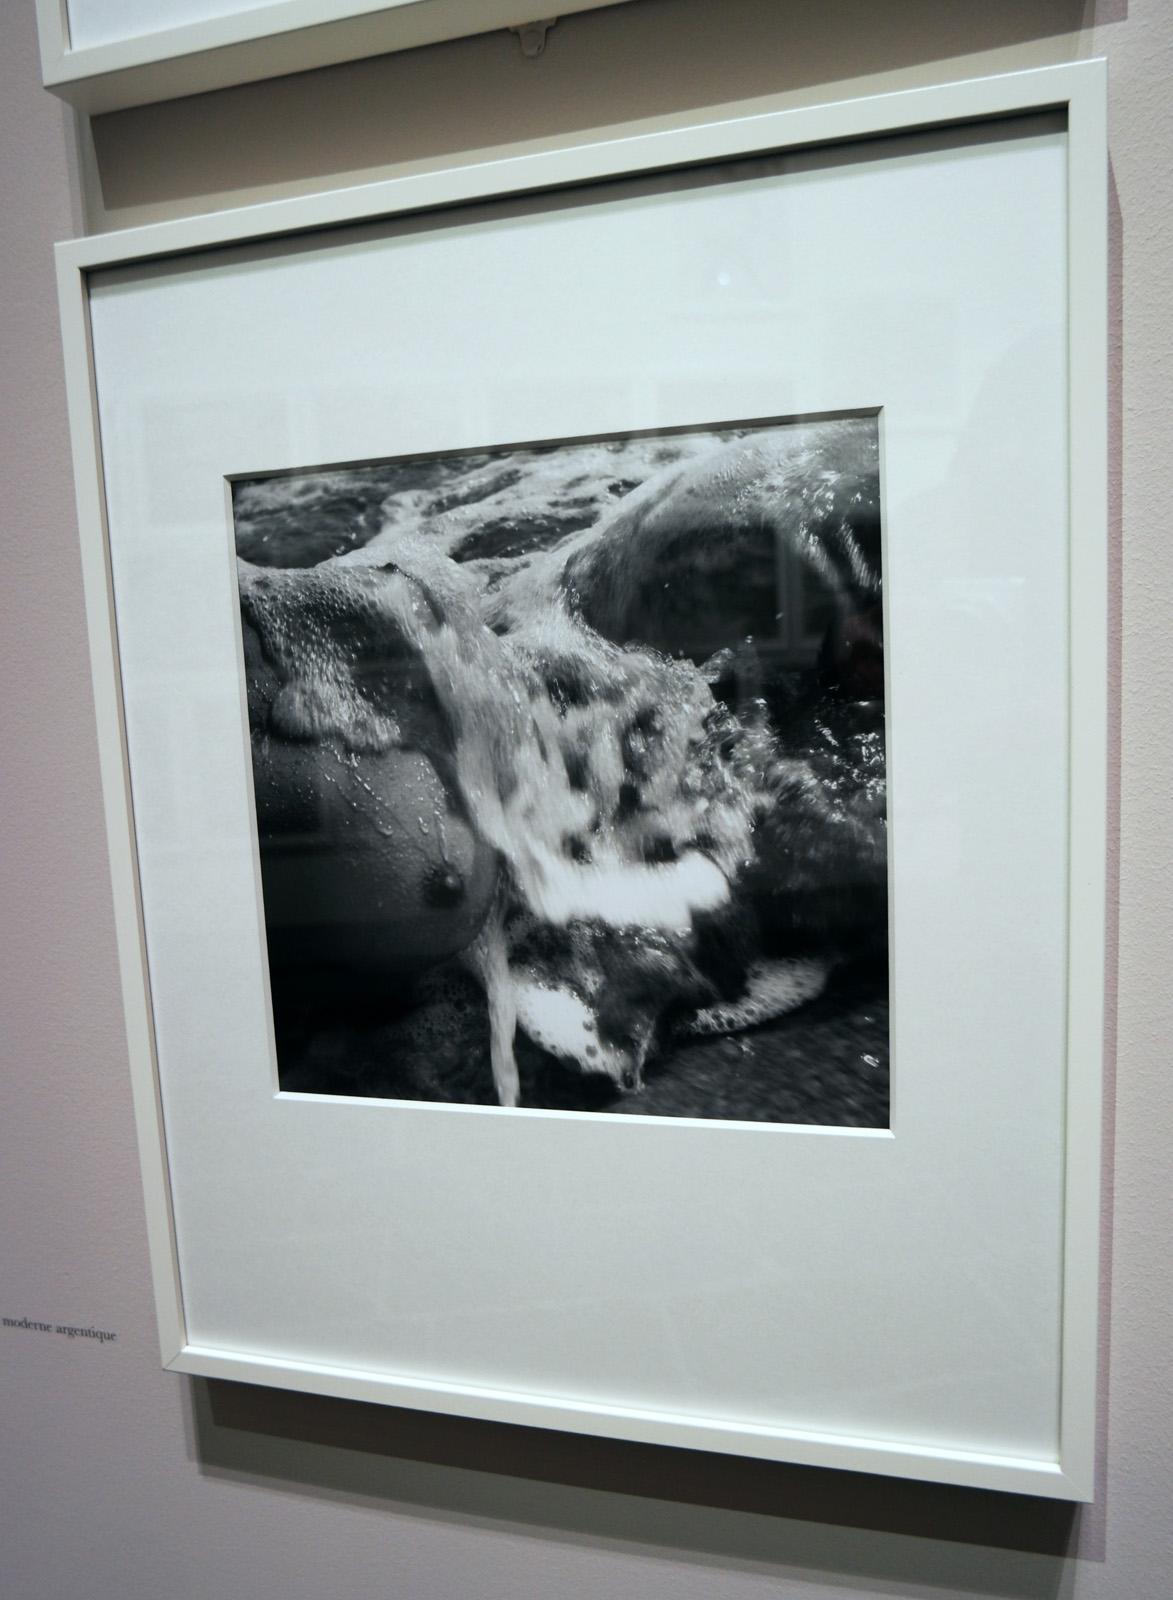 Née de la vague, Camargue, 1966, Atelier Lucien Clergue